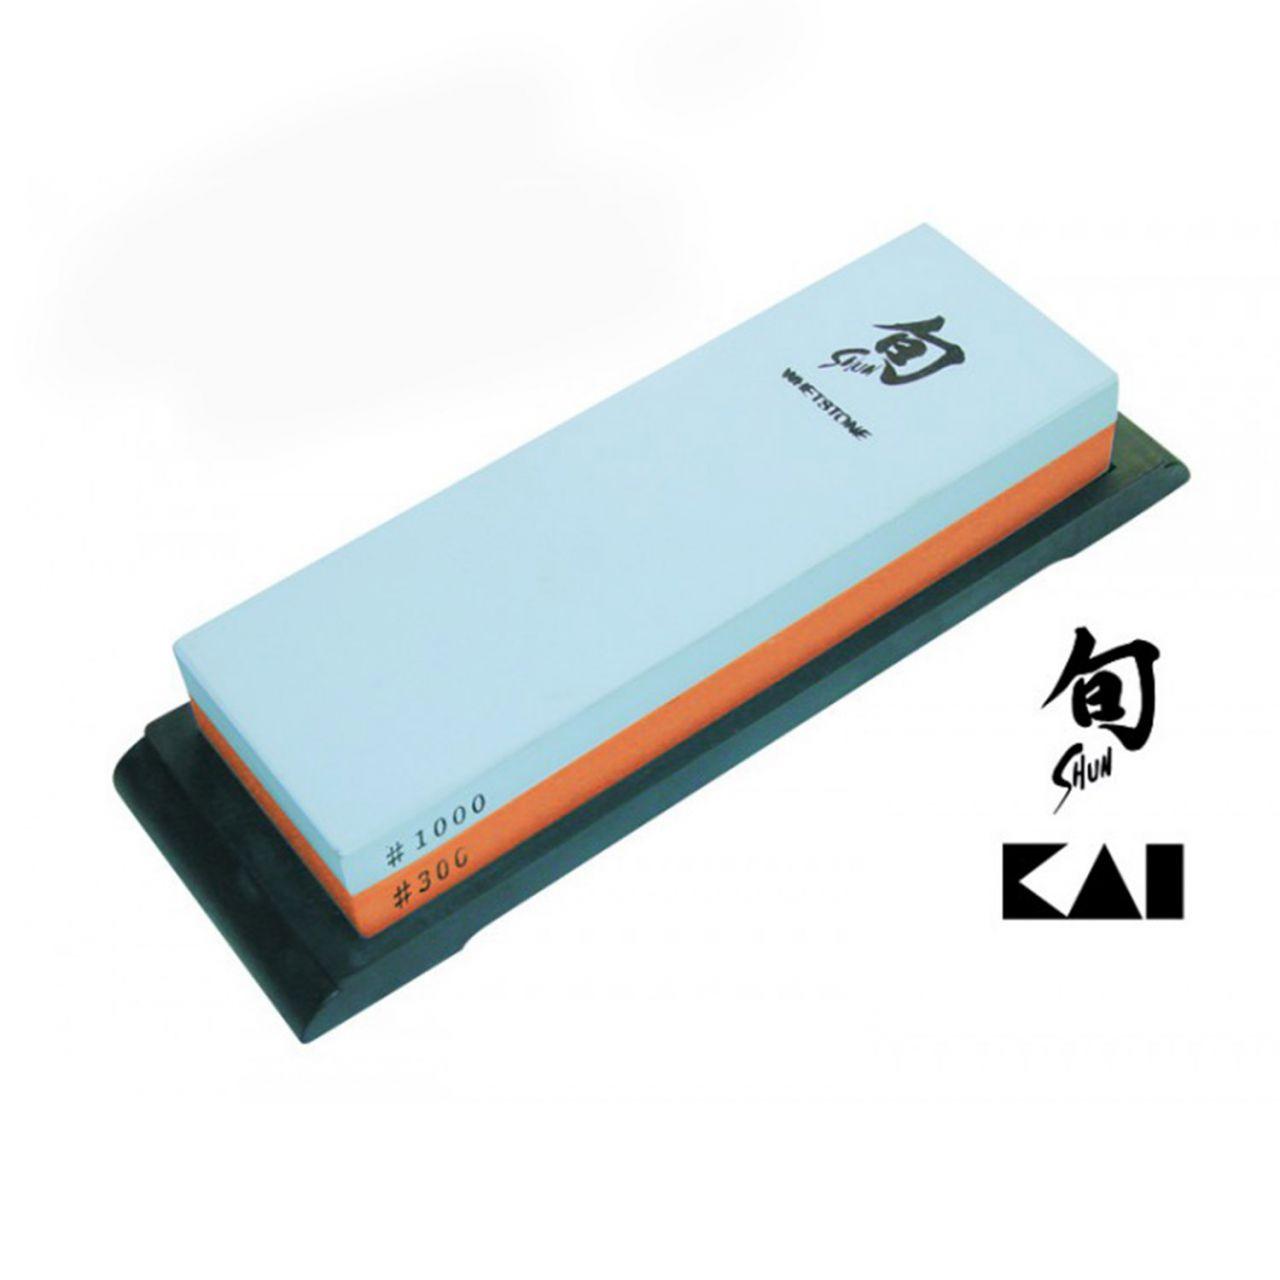 KAI DM-0708 Schleifstein 300/1000